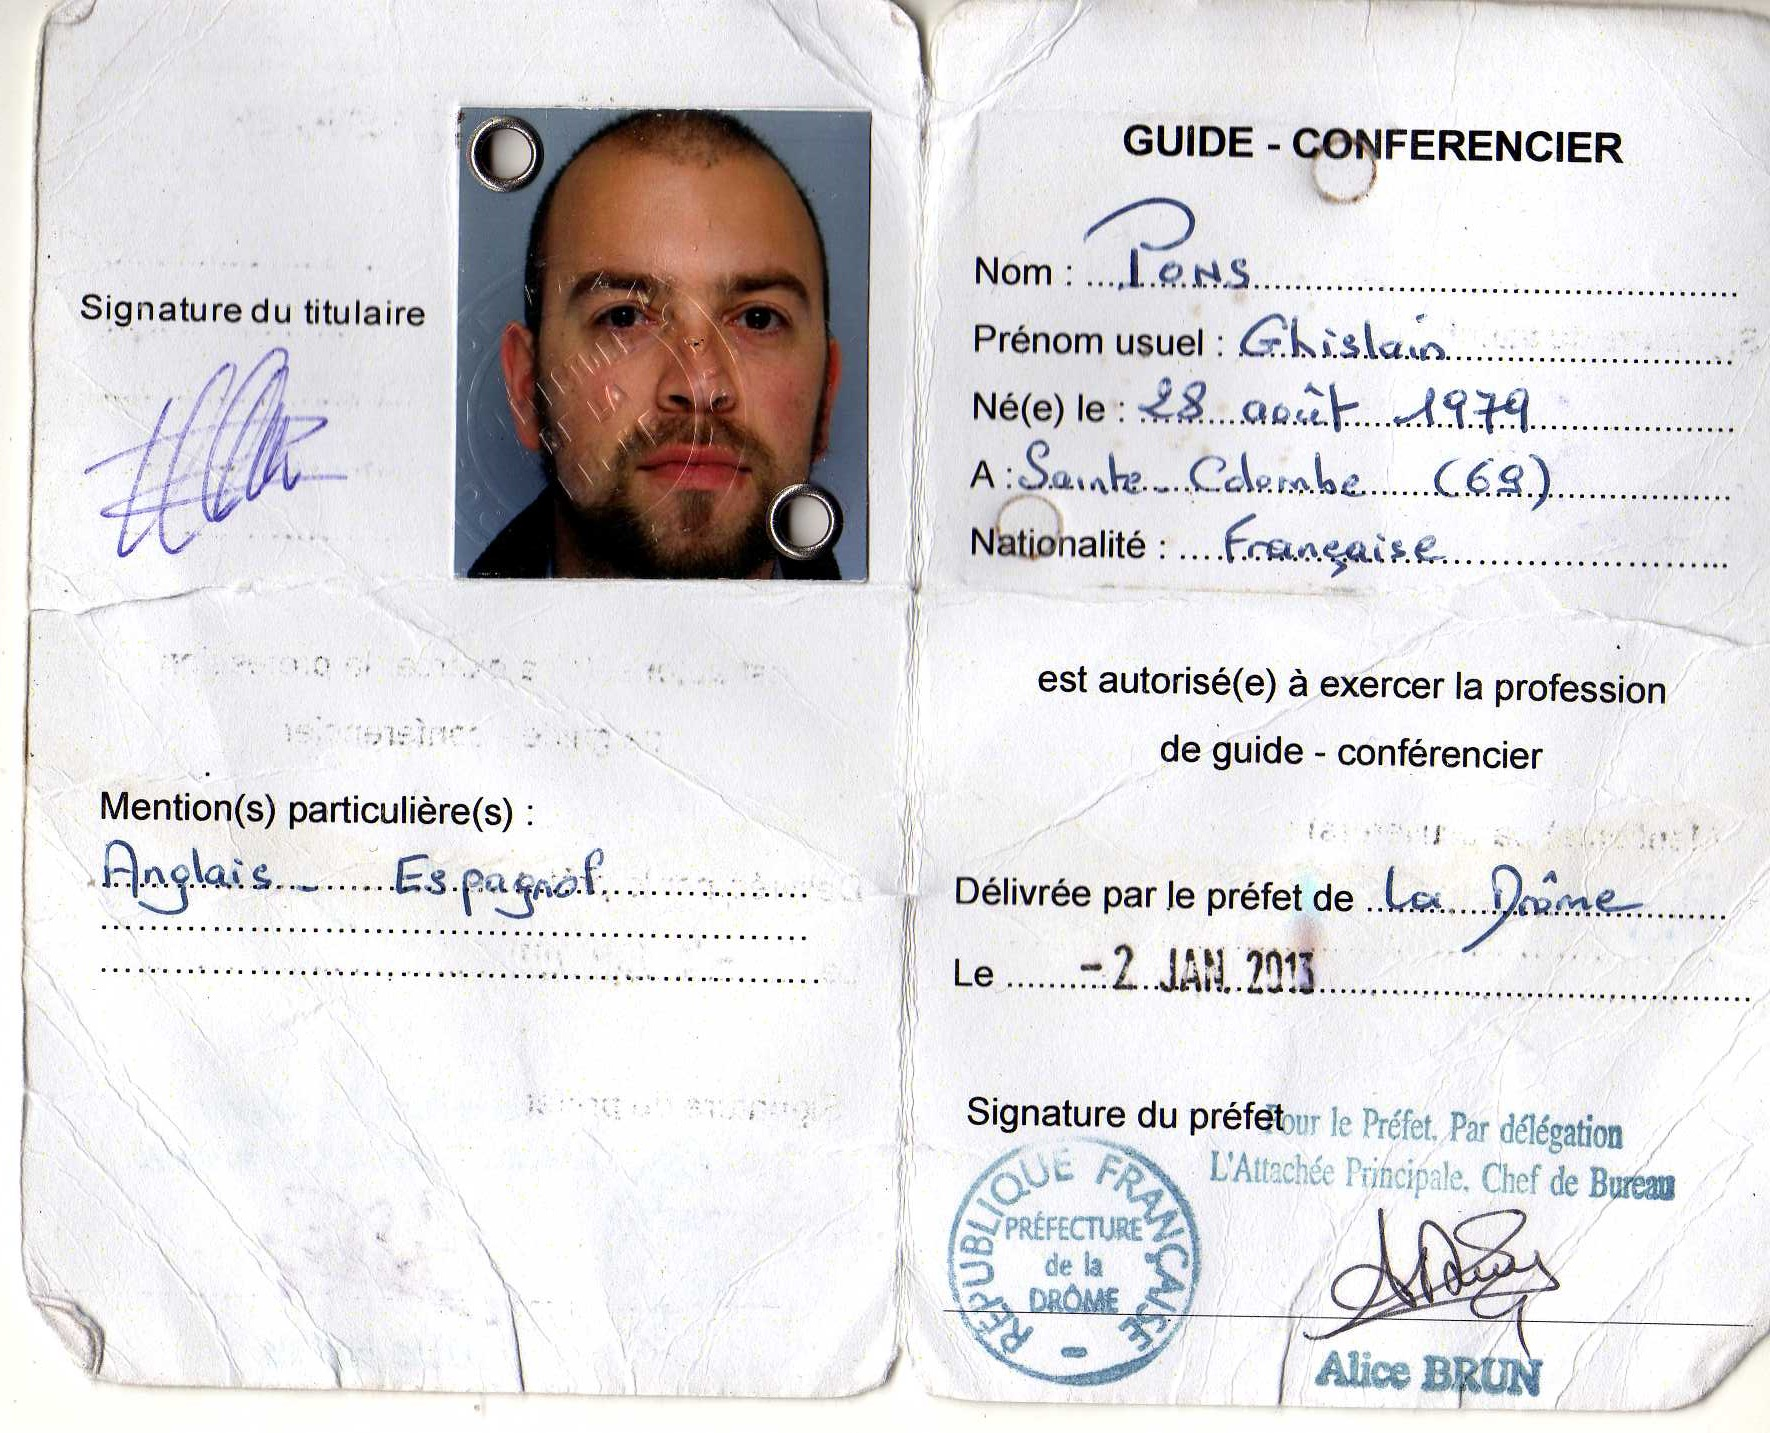 carte de guide conférencier Ghislain Boissonnier Pons   Guide Conférencier